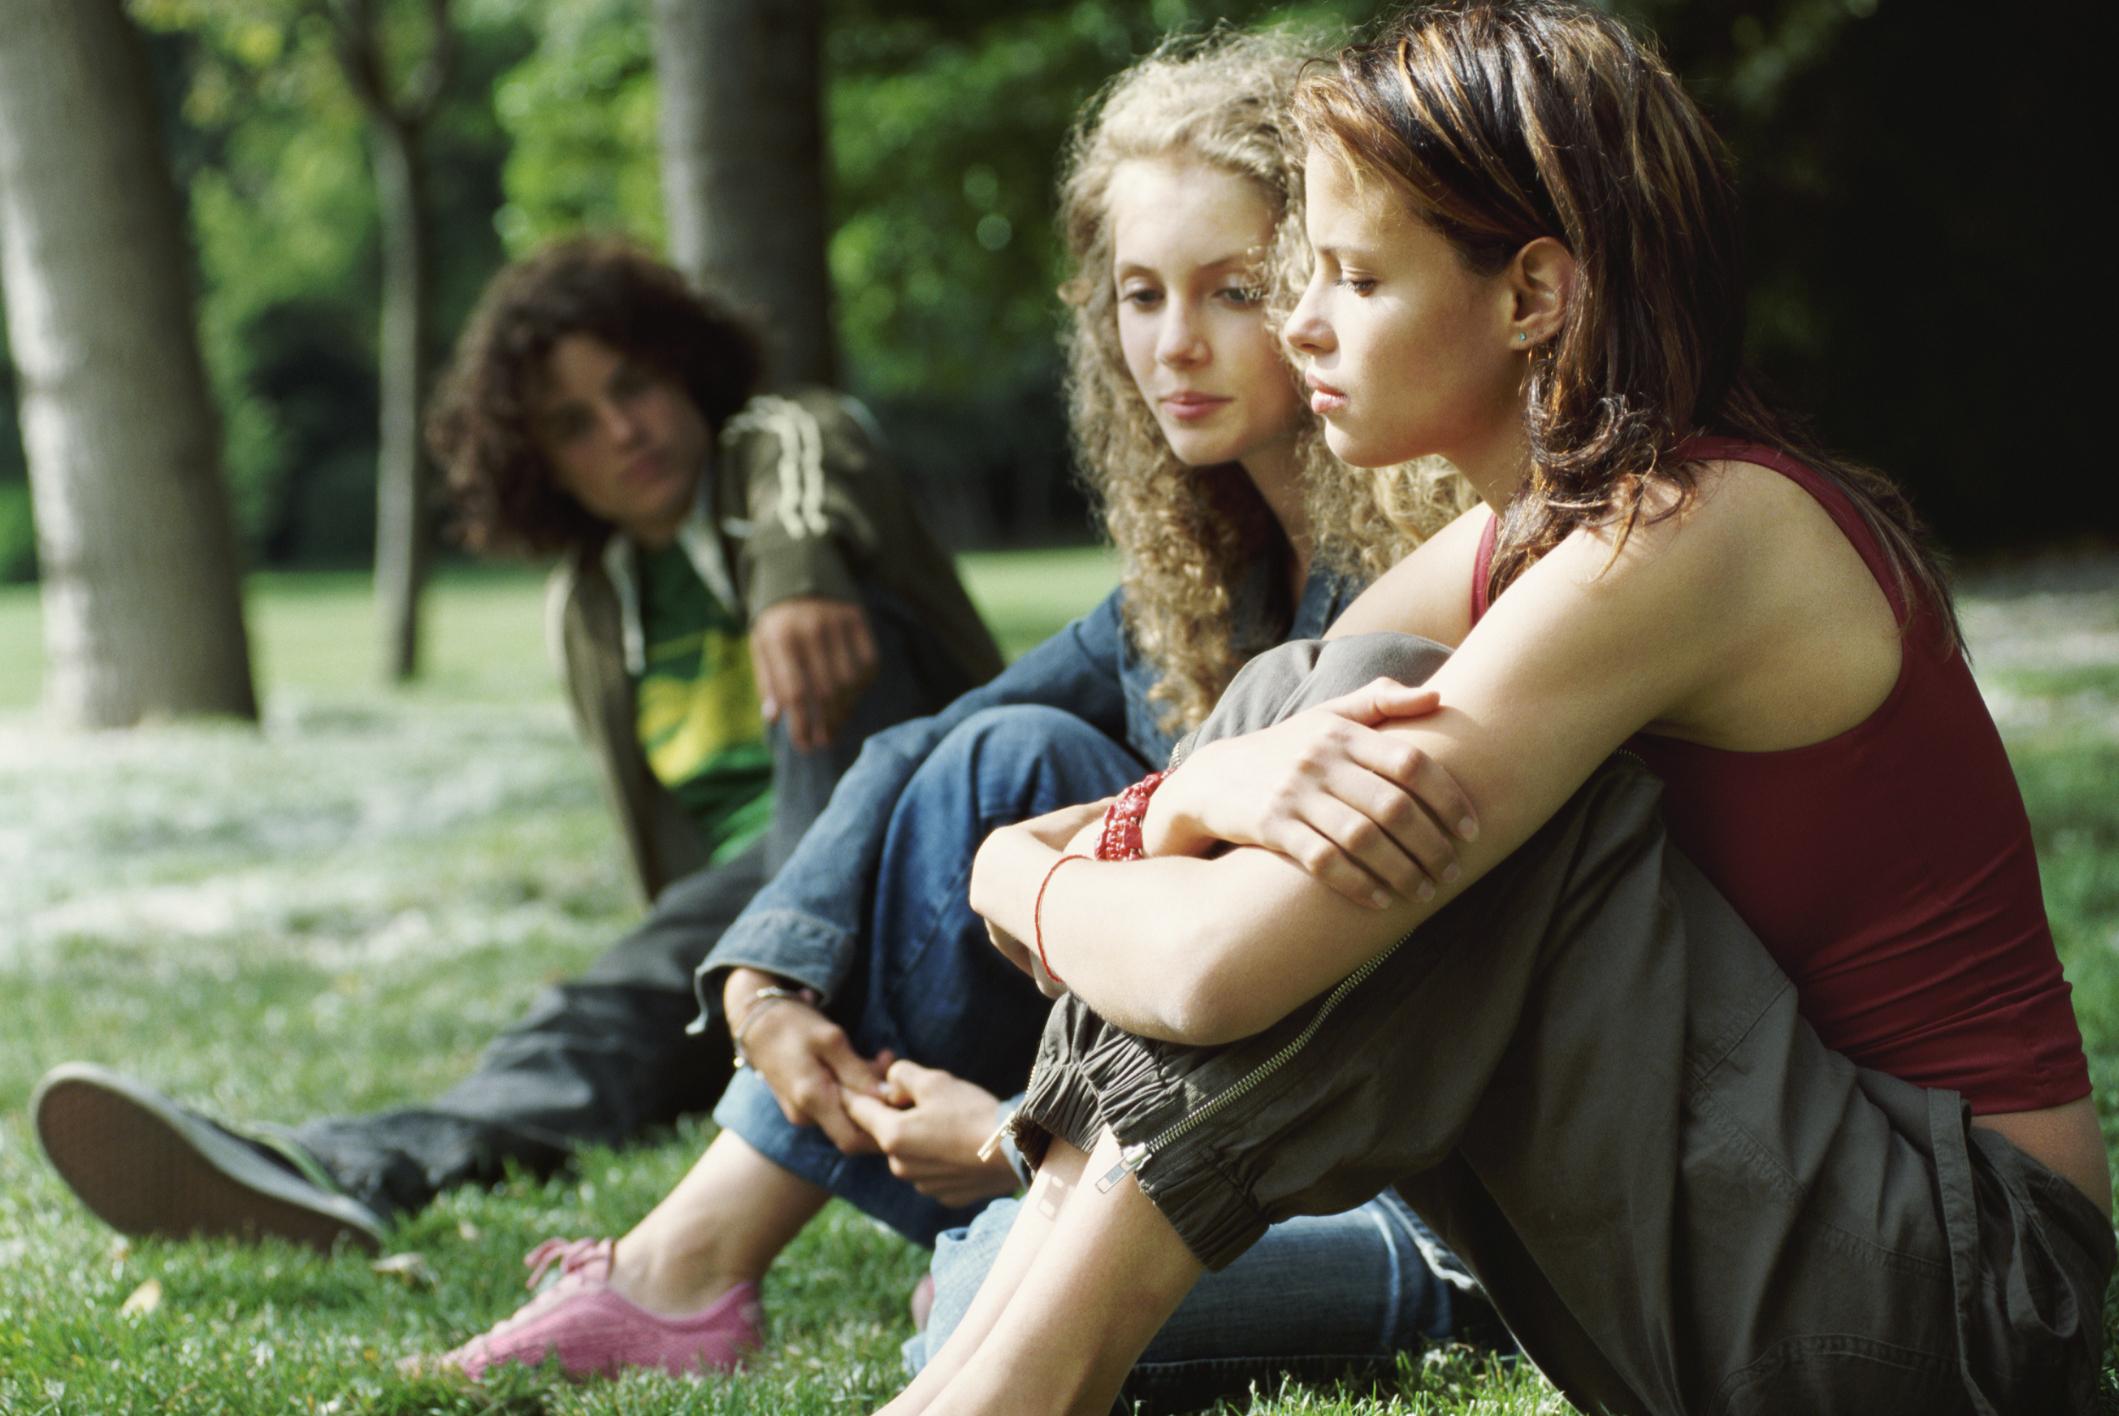 Women in public in upskirts